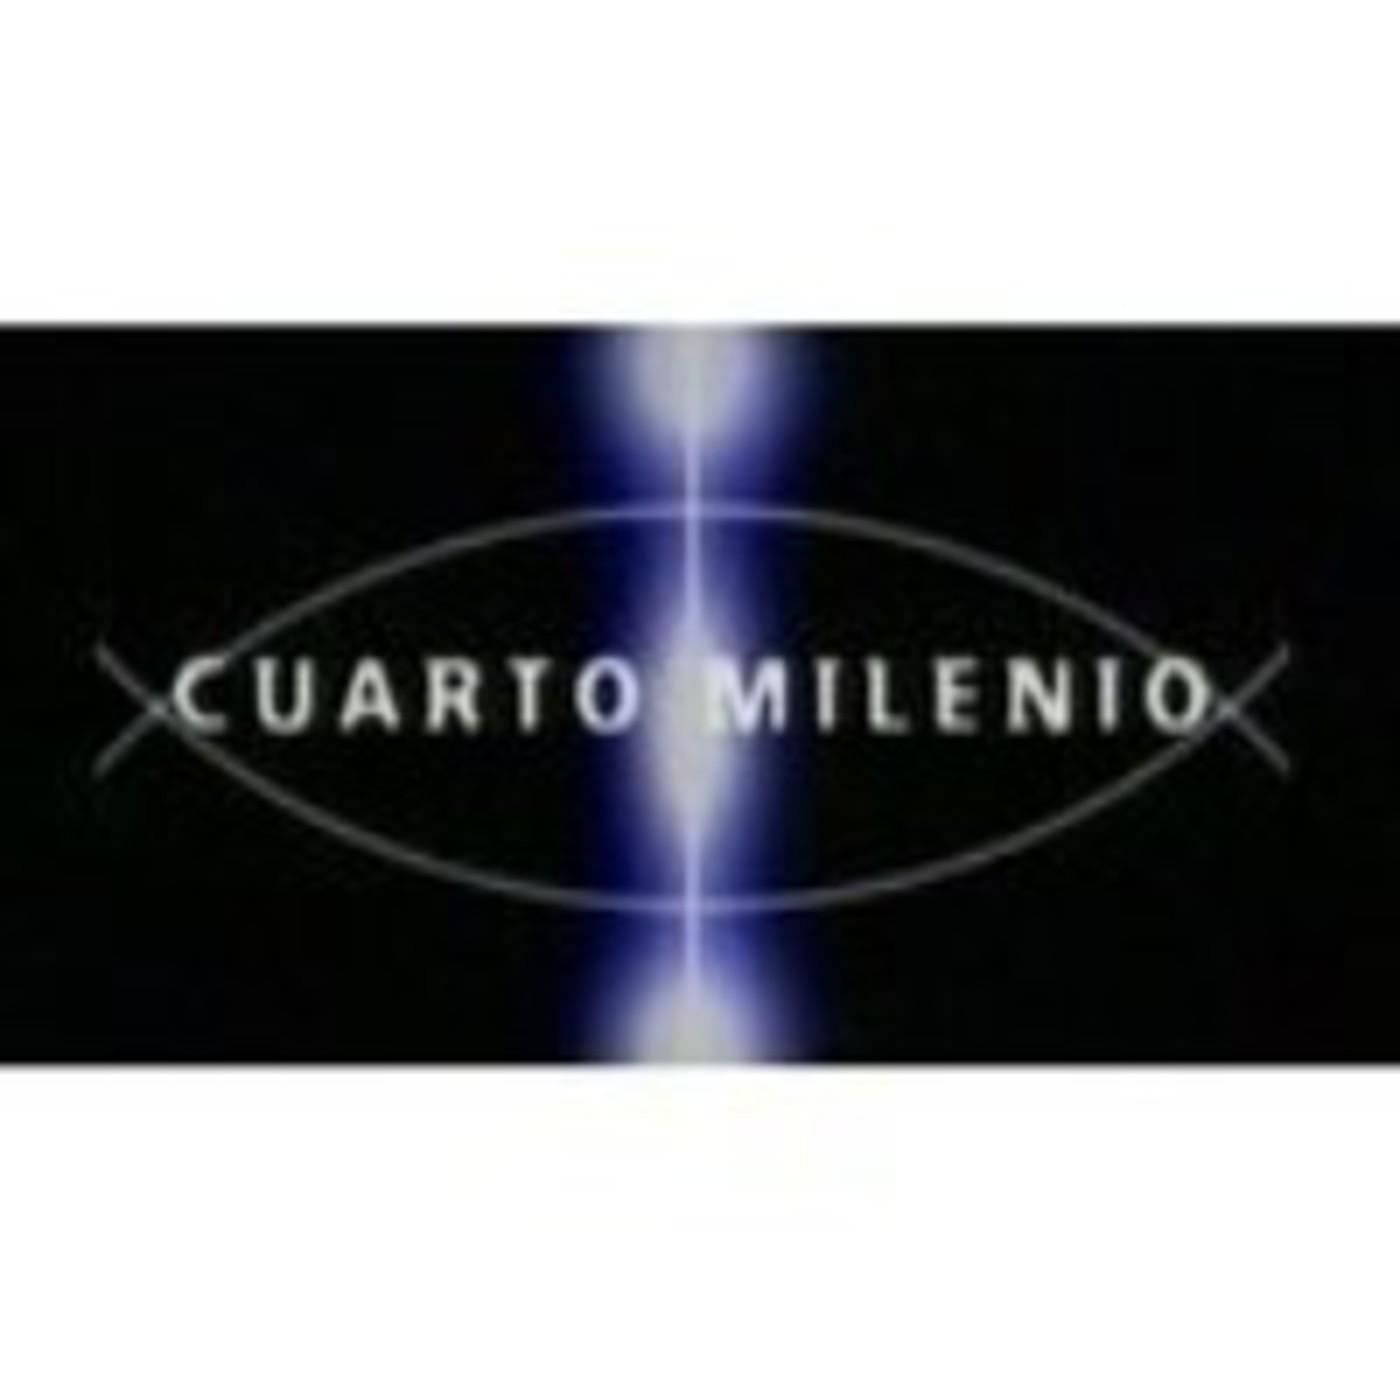 """Cuarto milenio (30/3/2014) 9x30 """"Sin rastro""""•""""Quinto: retratos del más allá """"•""""Una noche en la casa rural"""""""